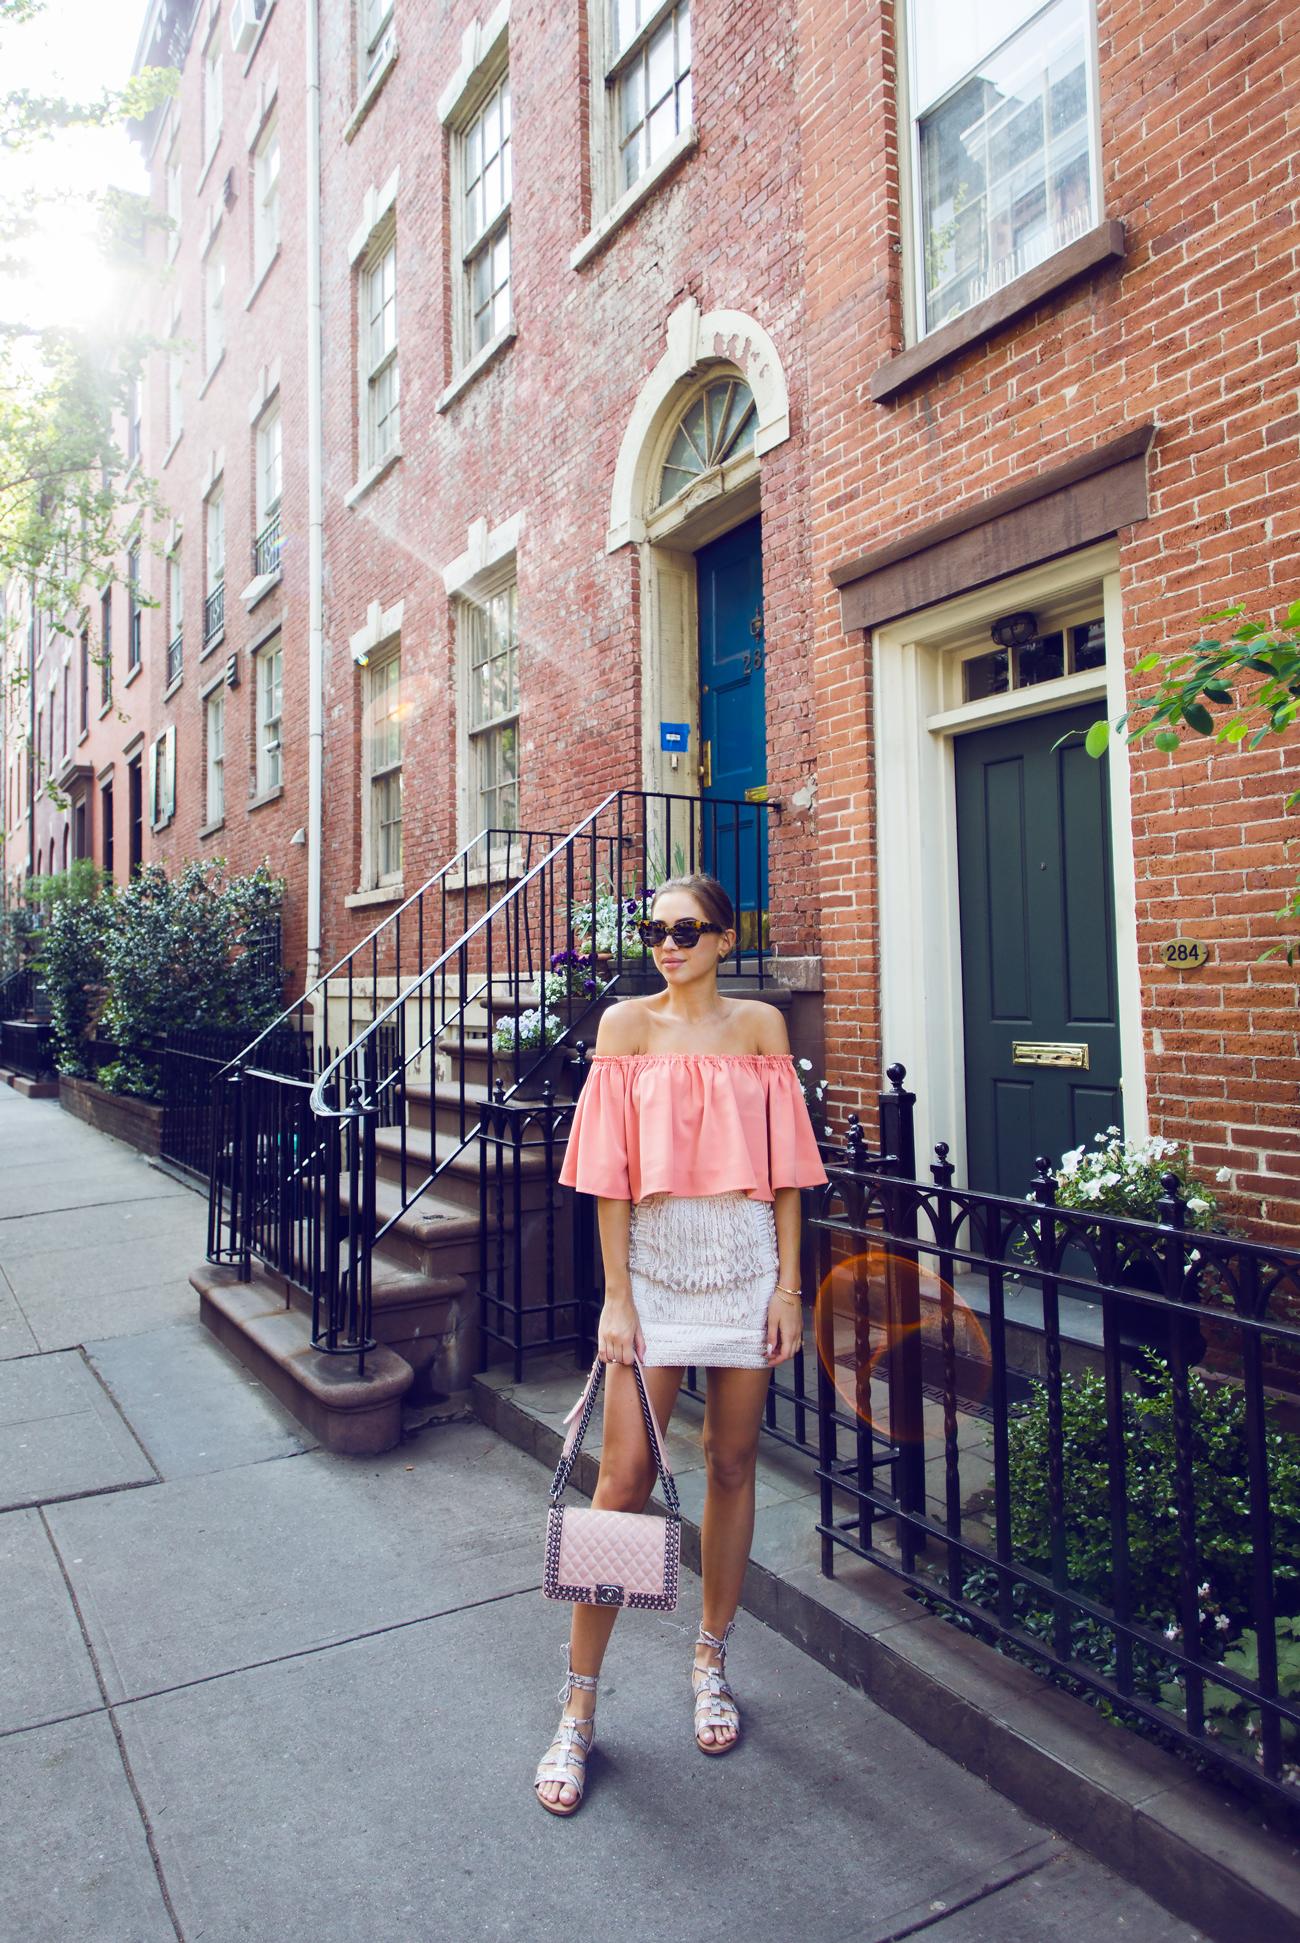 Kenza_Zouiten_NYC_Zingoalla_new_02